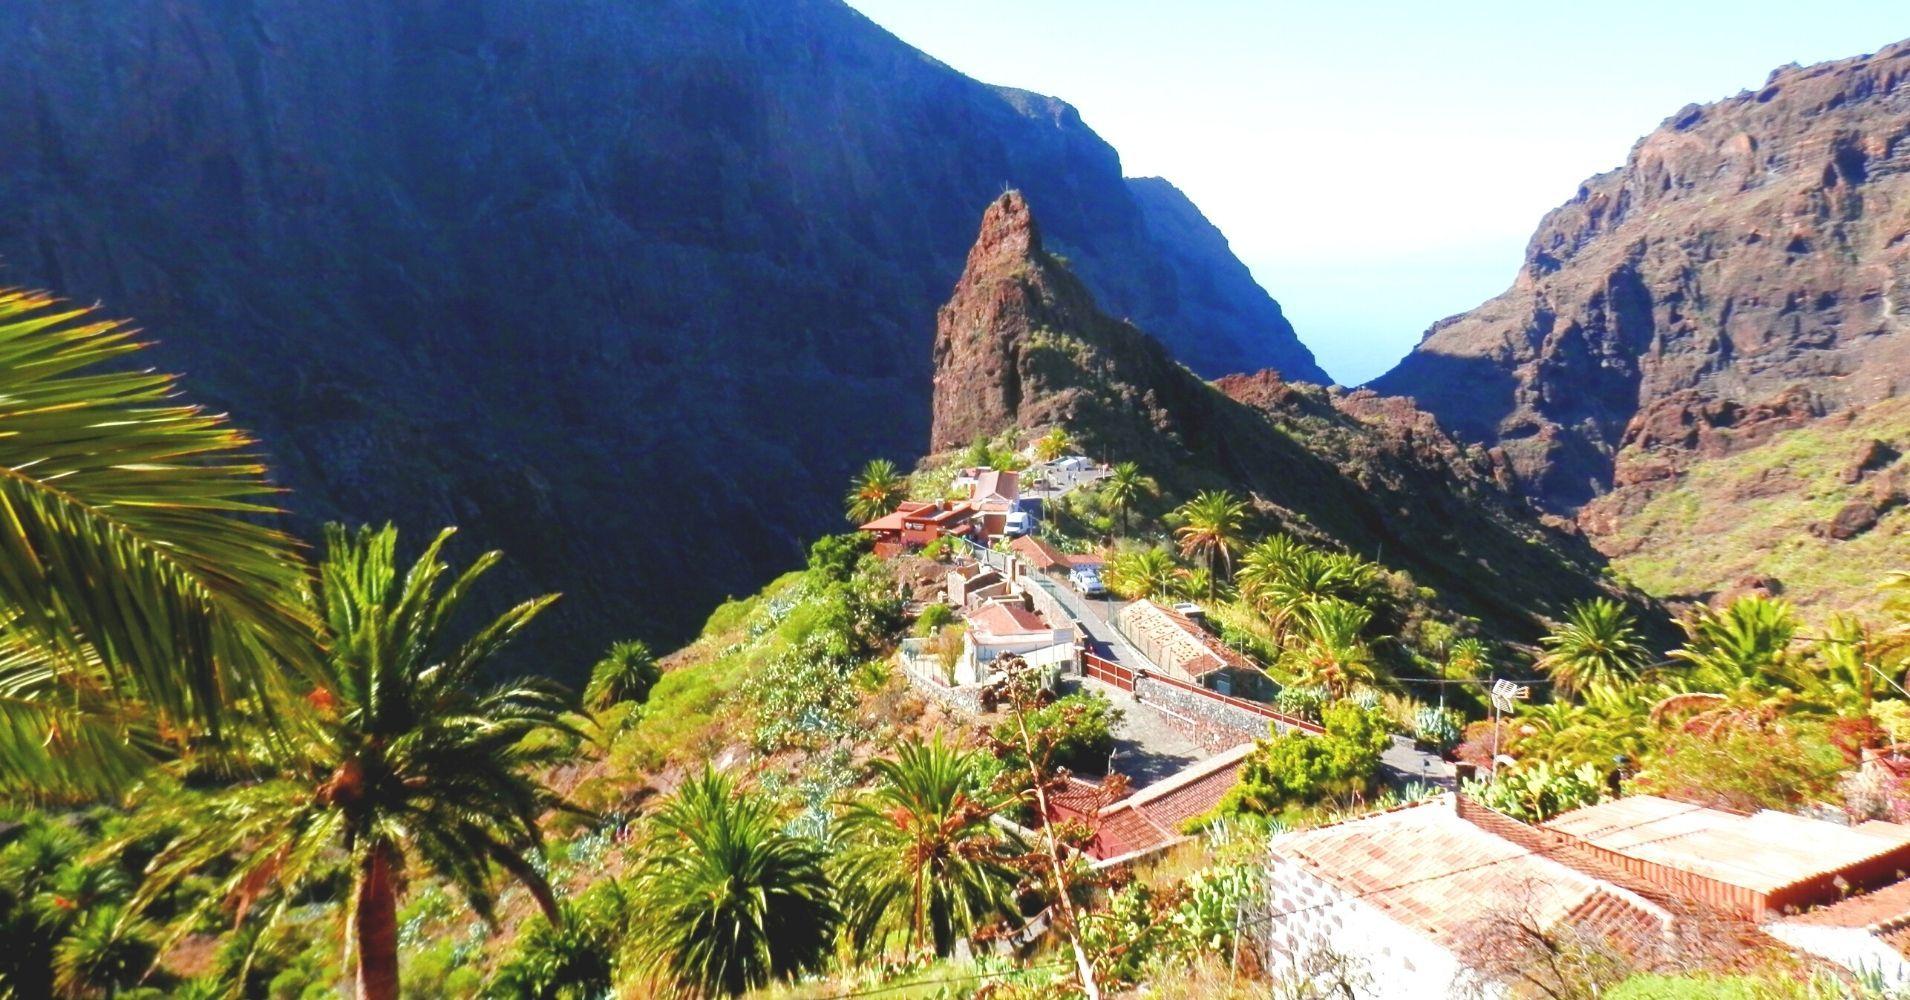 Masca, Islas Canarias. España.